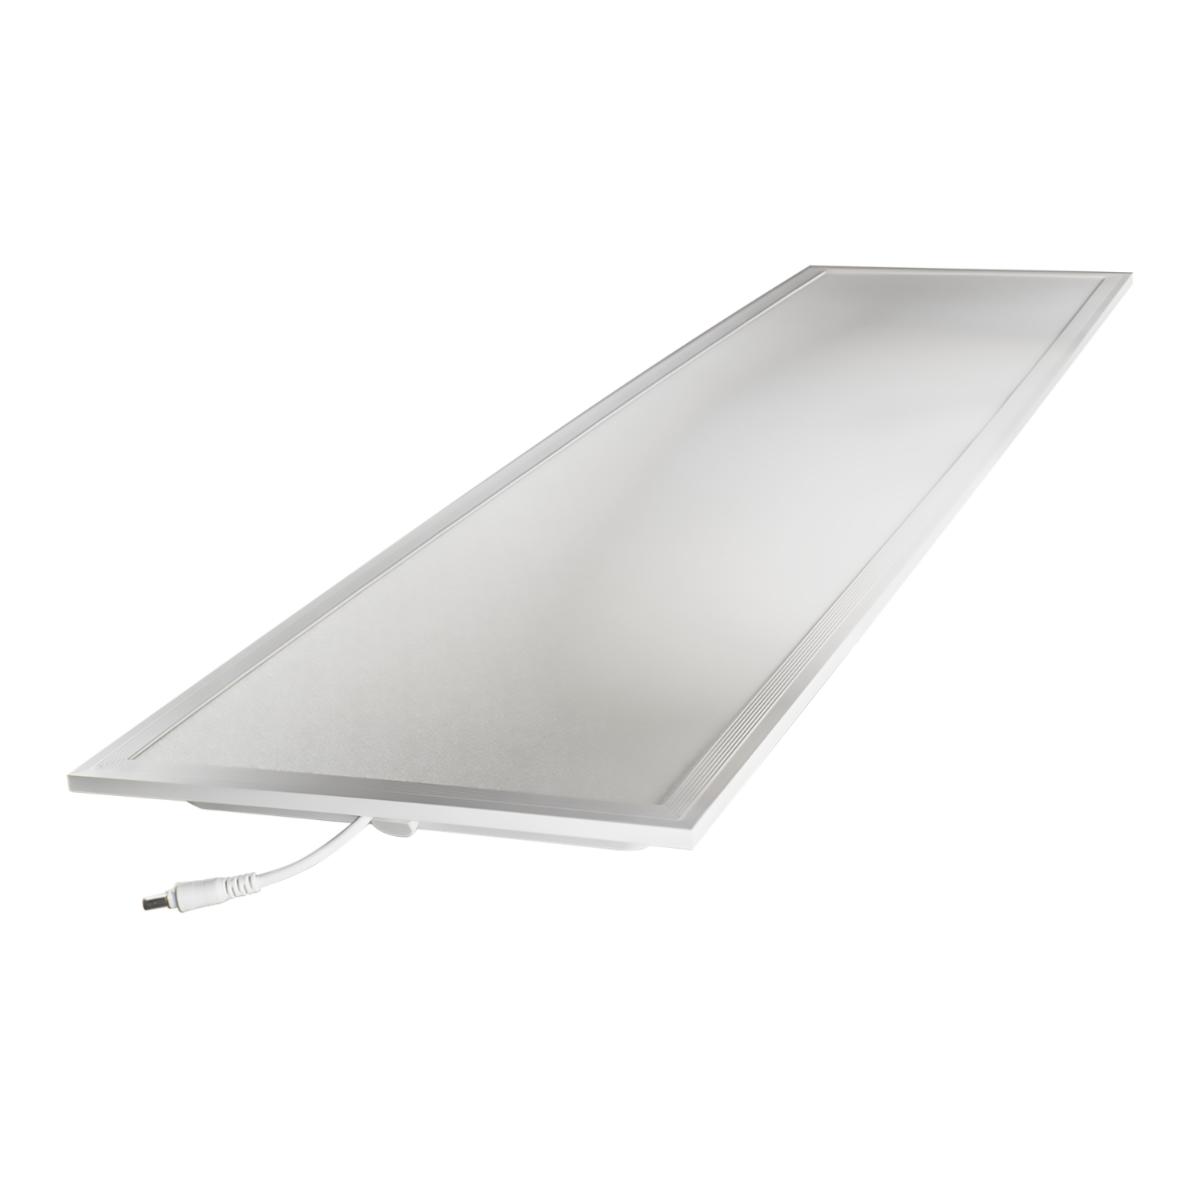 Noxion LED Paneel Econox 32W 30x120cm 4000K 4400lm UGR <22 | Vervanger voor 2x36W